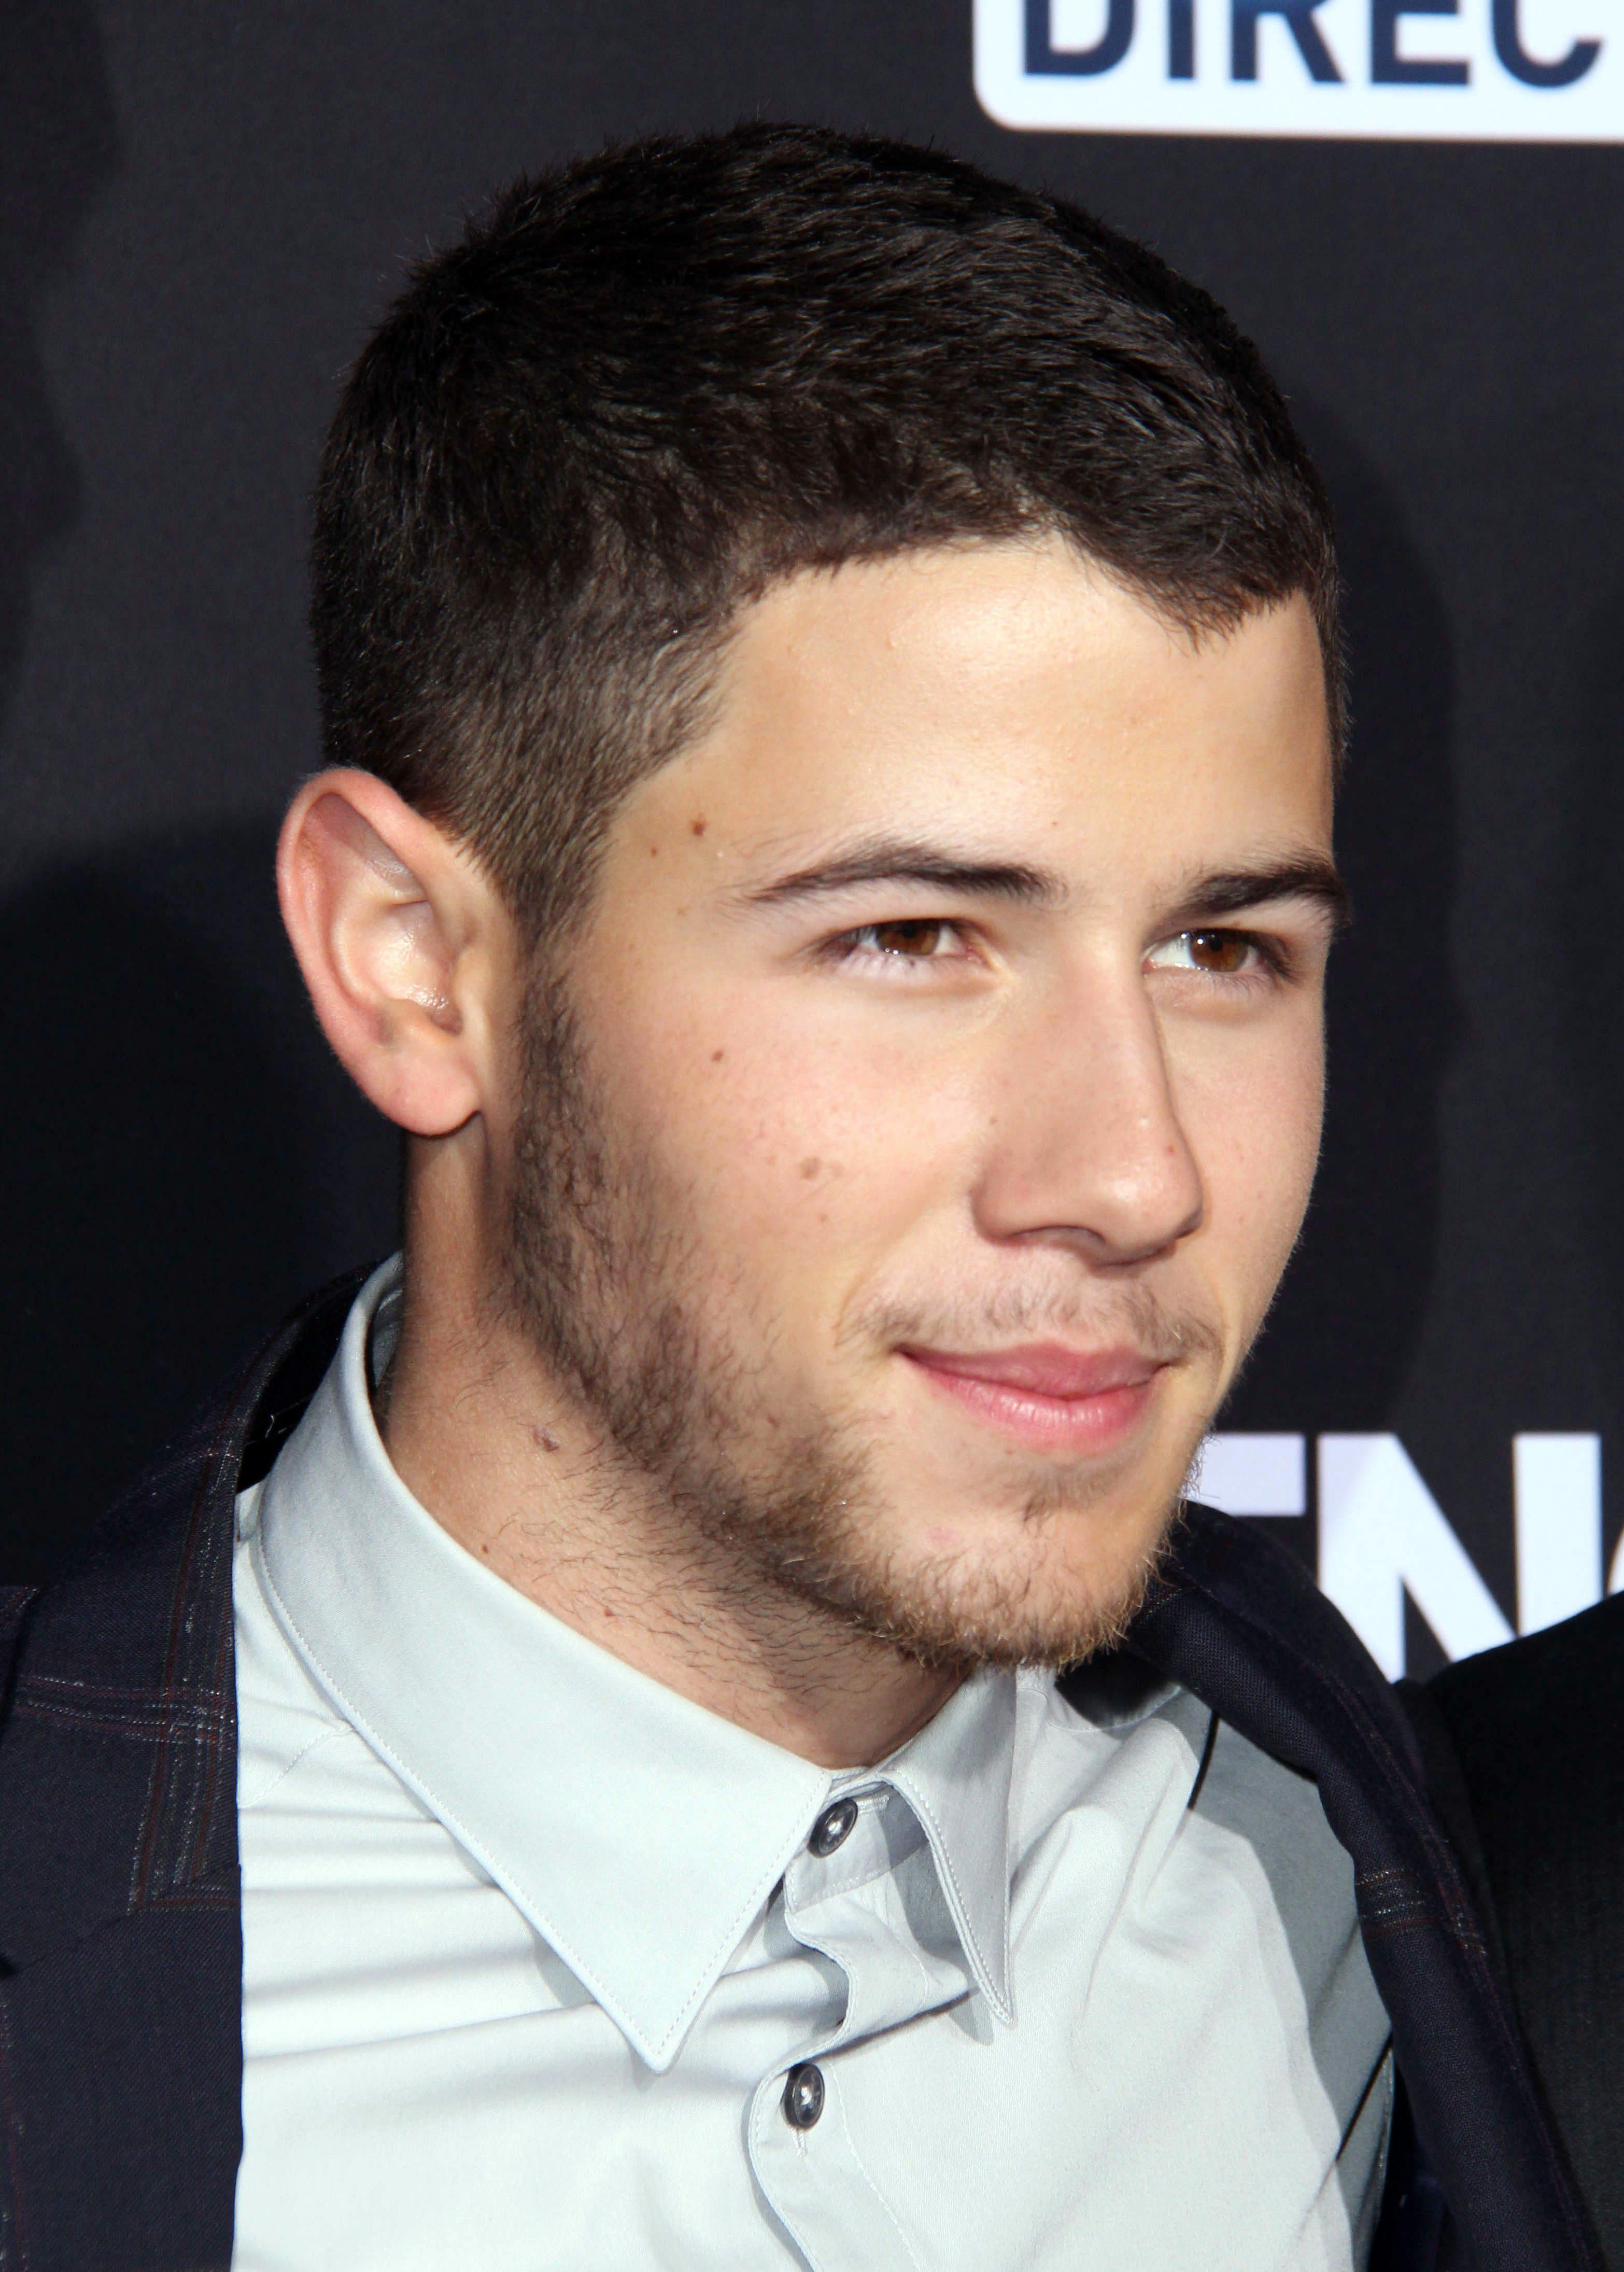 Nick Jonas's Buzz Cut